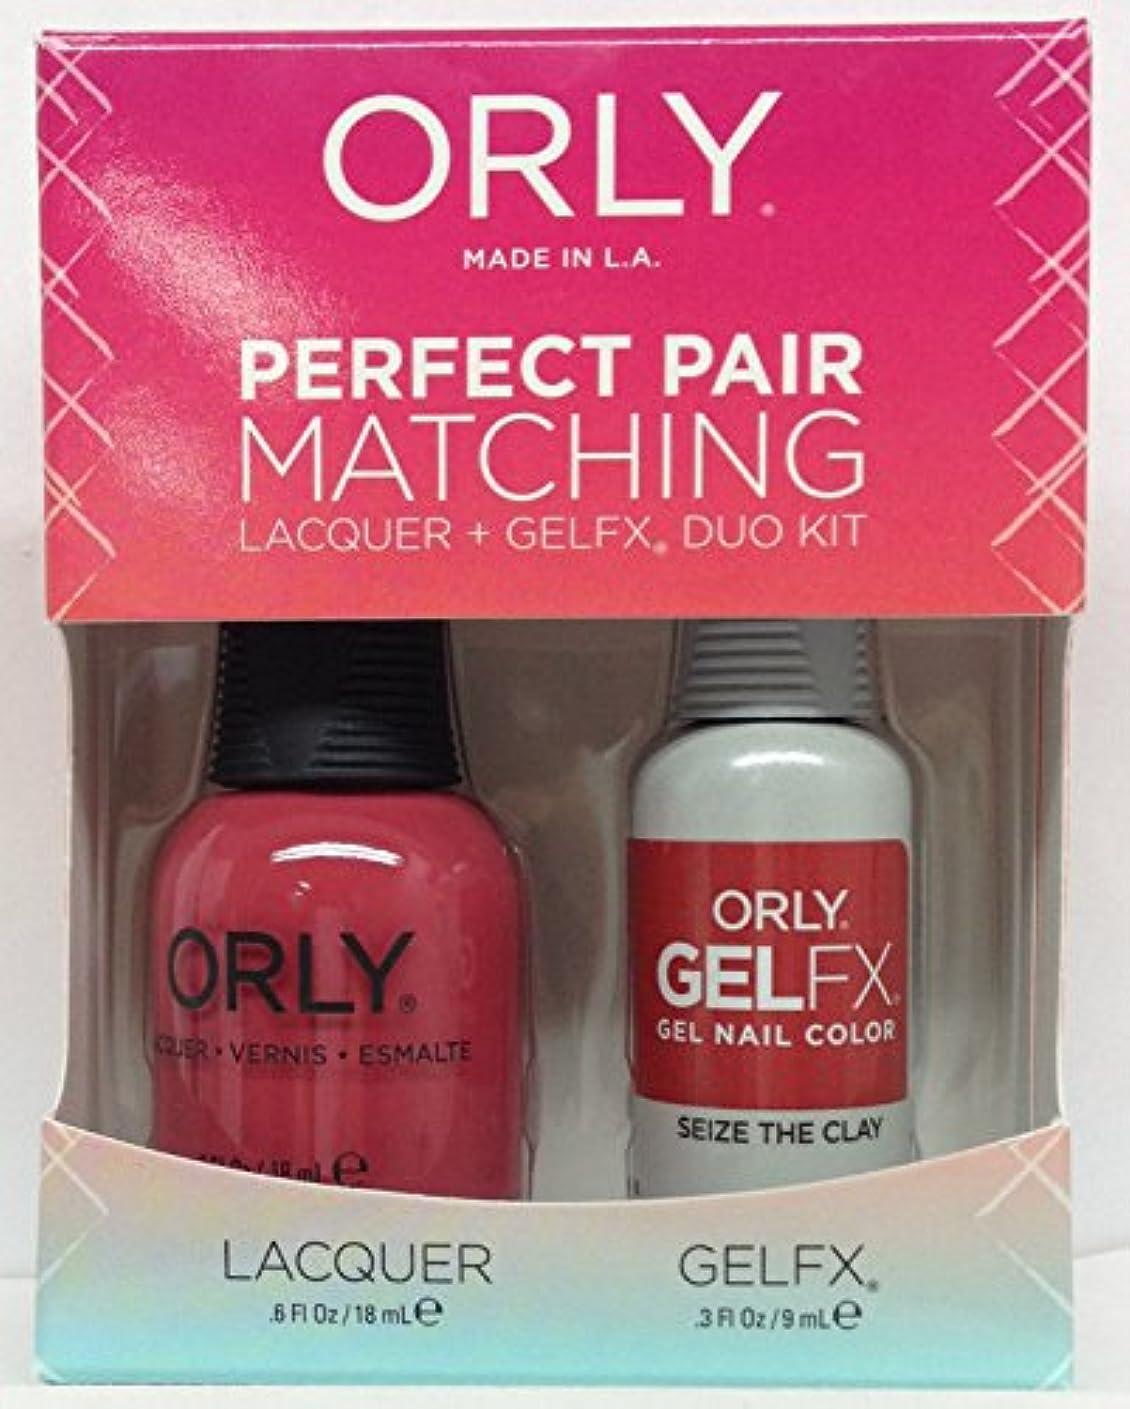 対角線アルファベット順闇Orly - Perfect Pair Matching Lacquer + GelFX Kit - Seize the Clay - 0.6 oz/0.3 oz